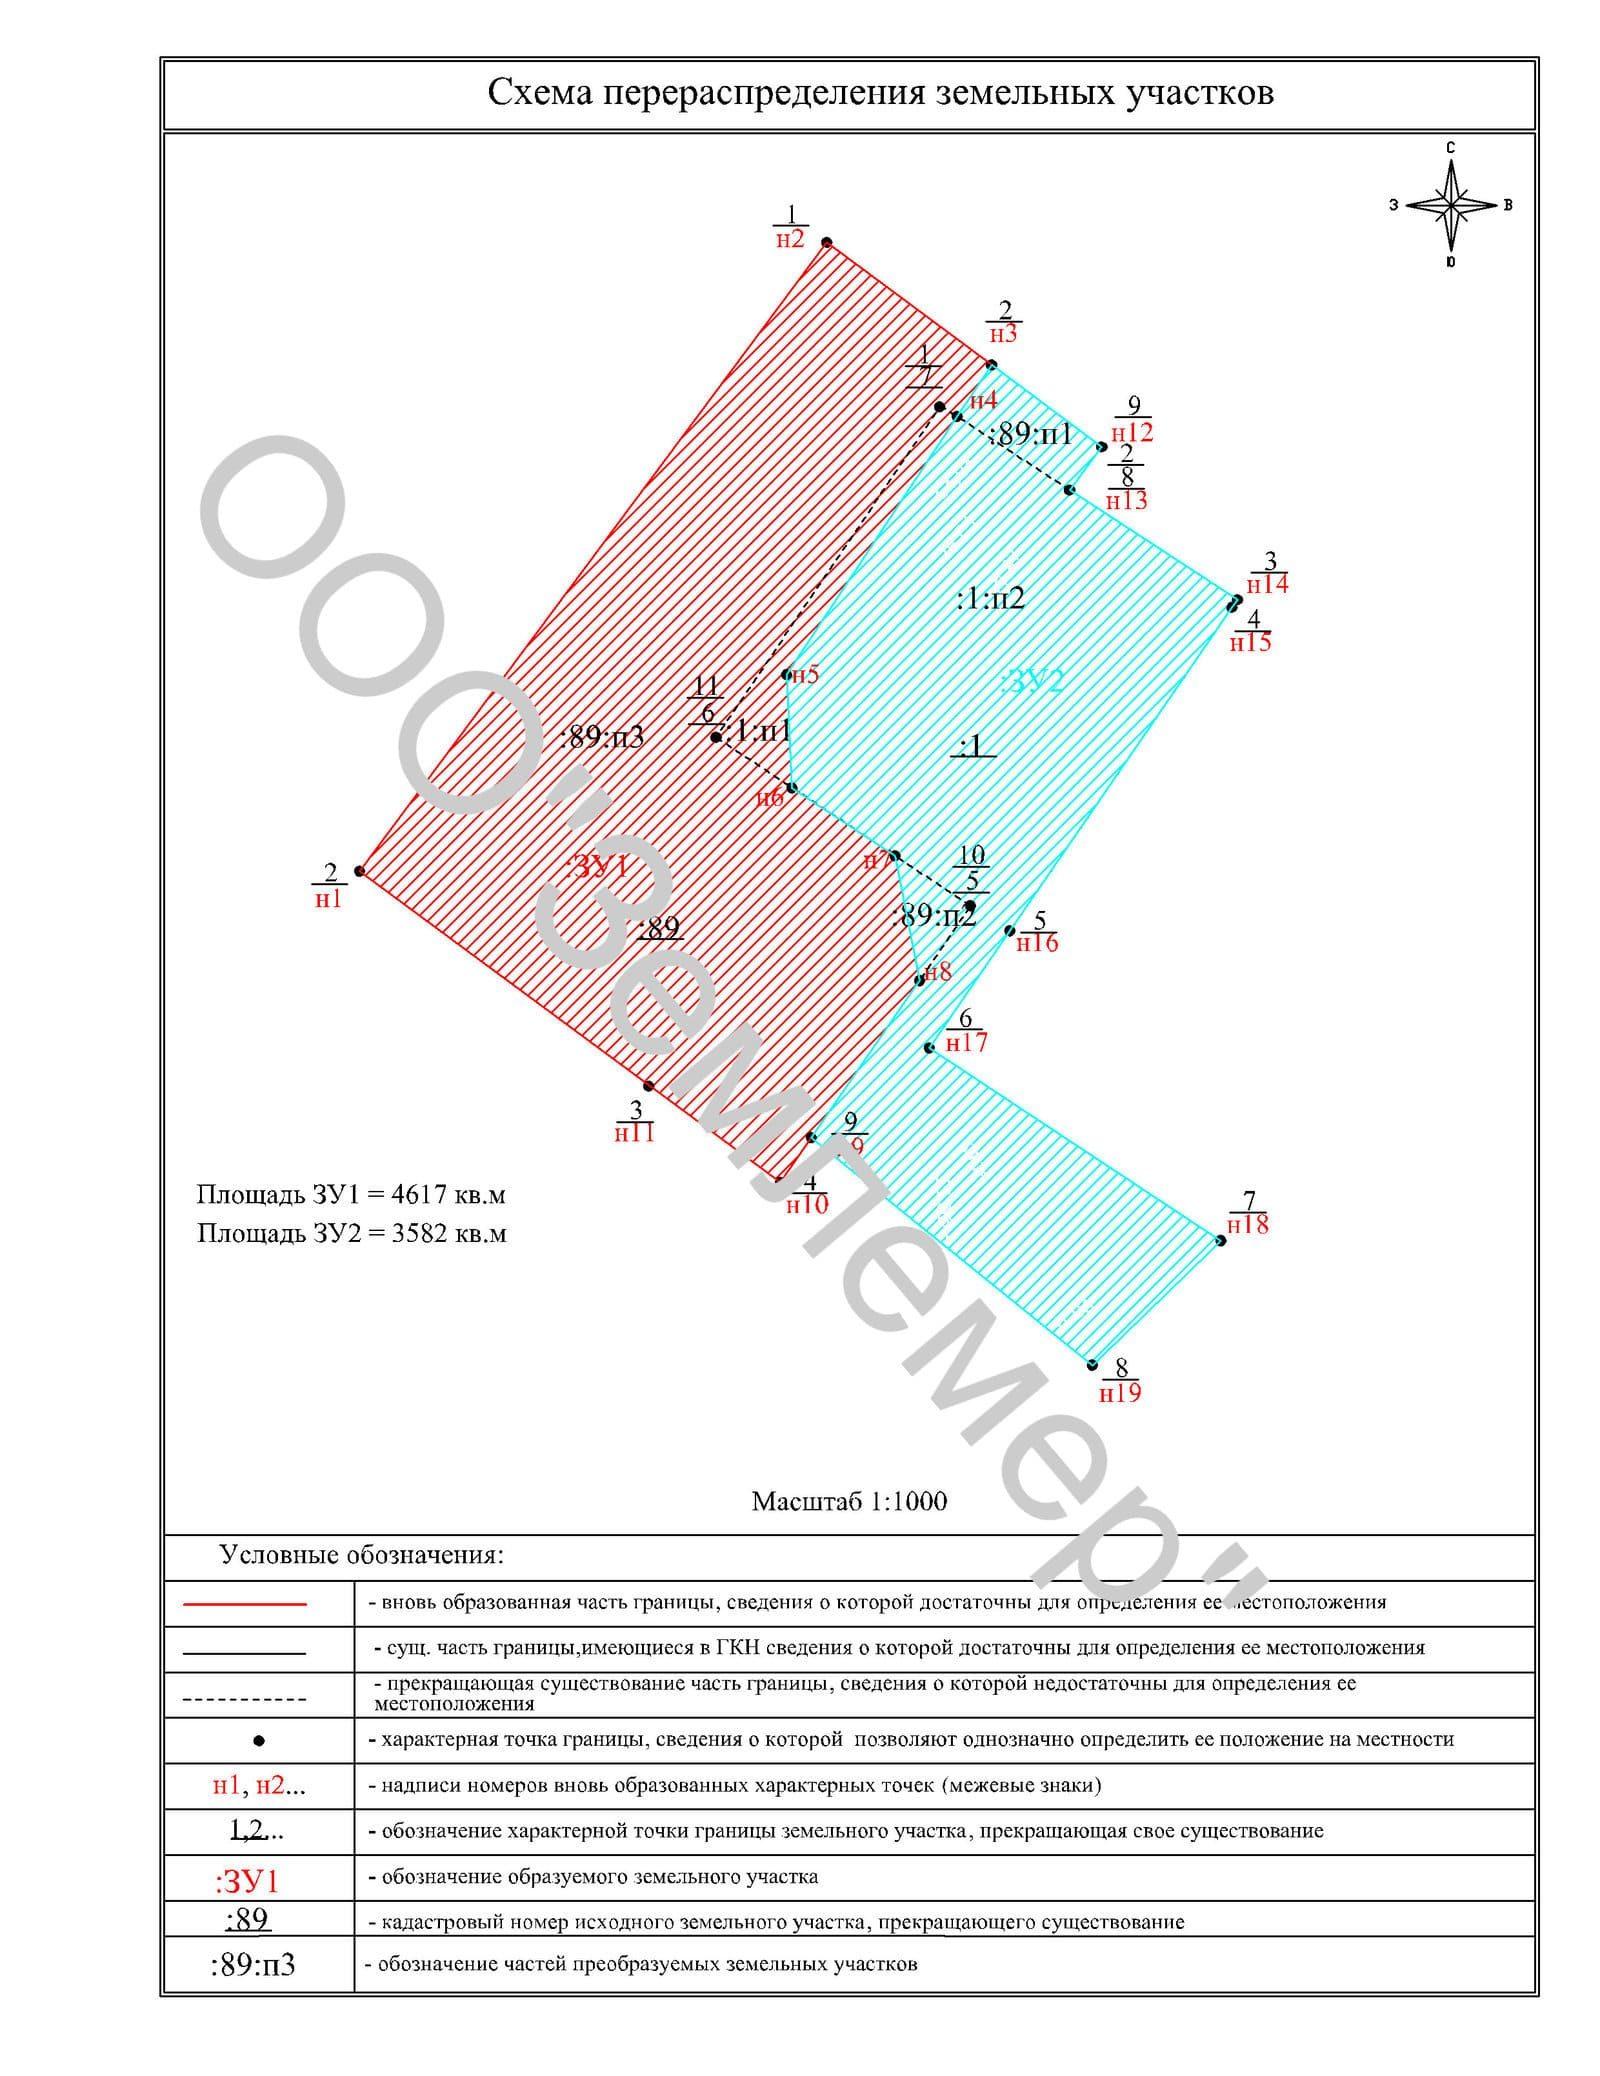 Схема перераспределения земельных участков